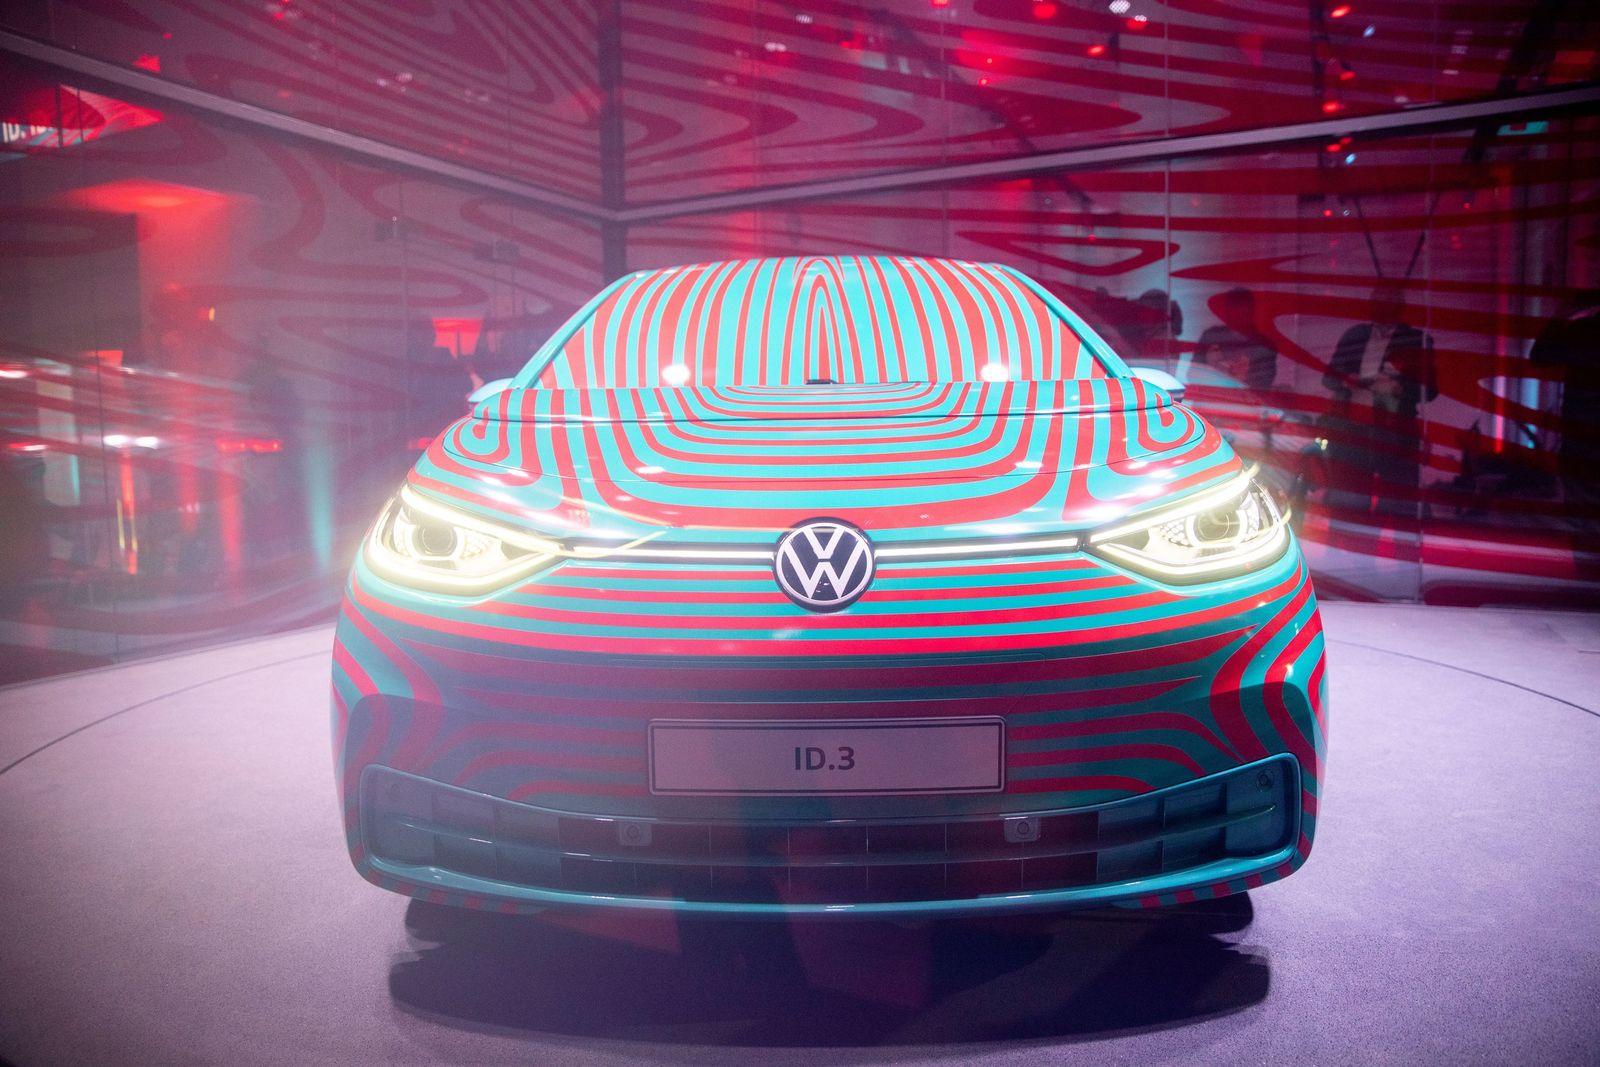 VW - E-Auto ID.3